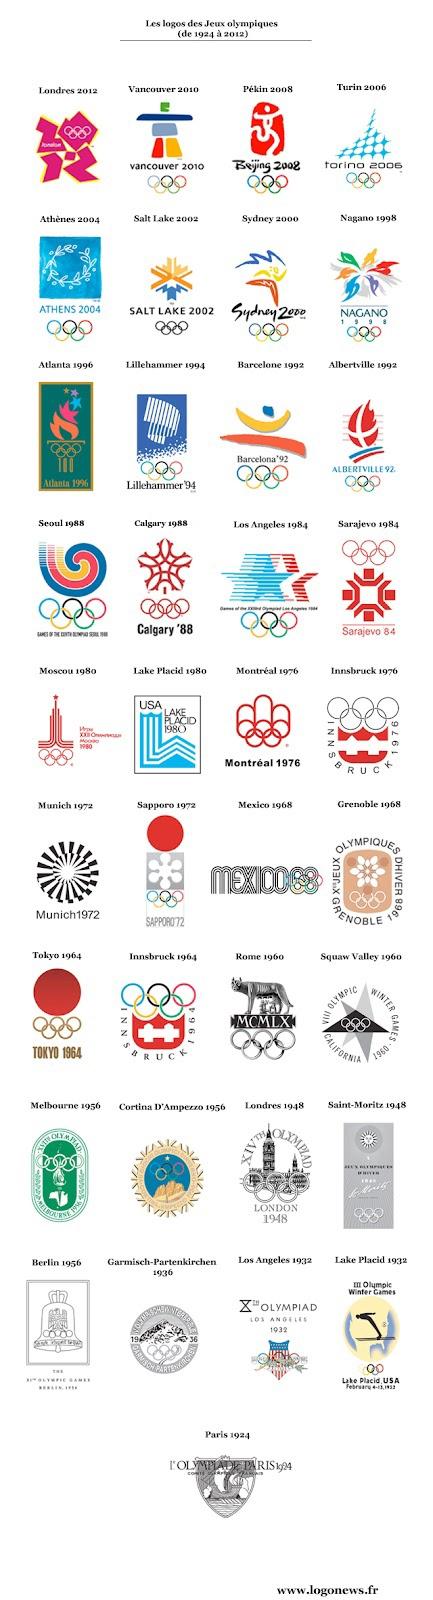 LOGONEWS Les news des logos, l'actualité des identités visuelles par l'agence be dandy